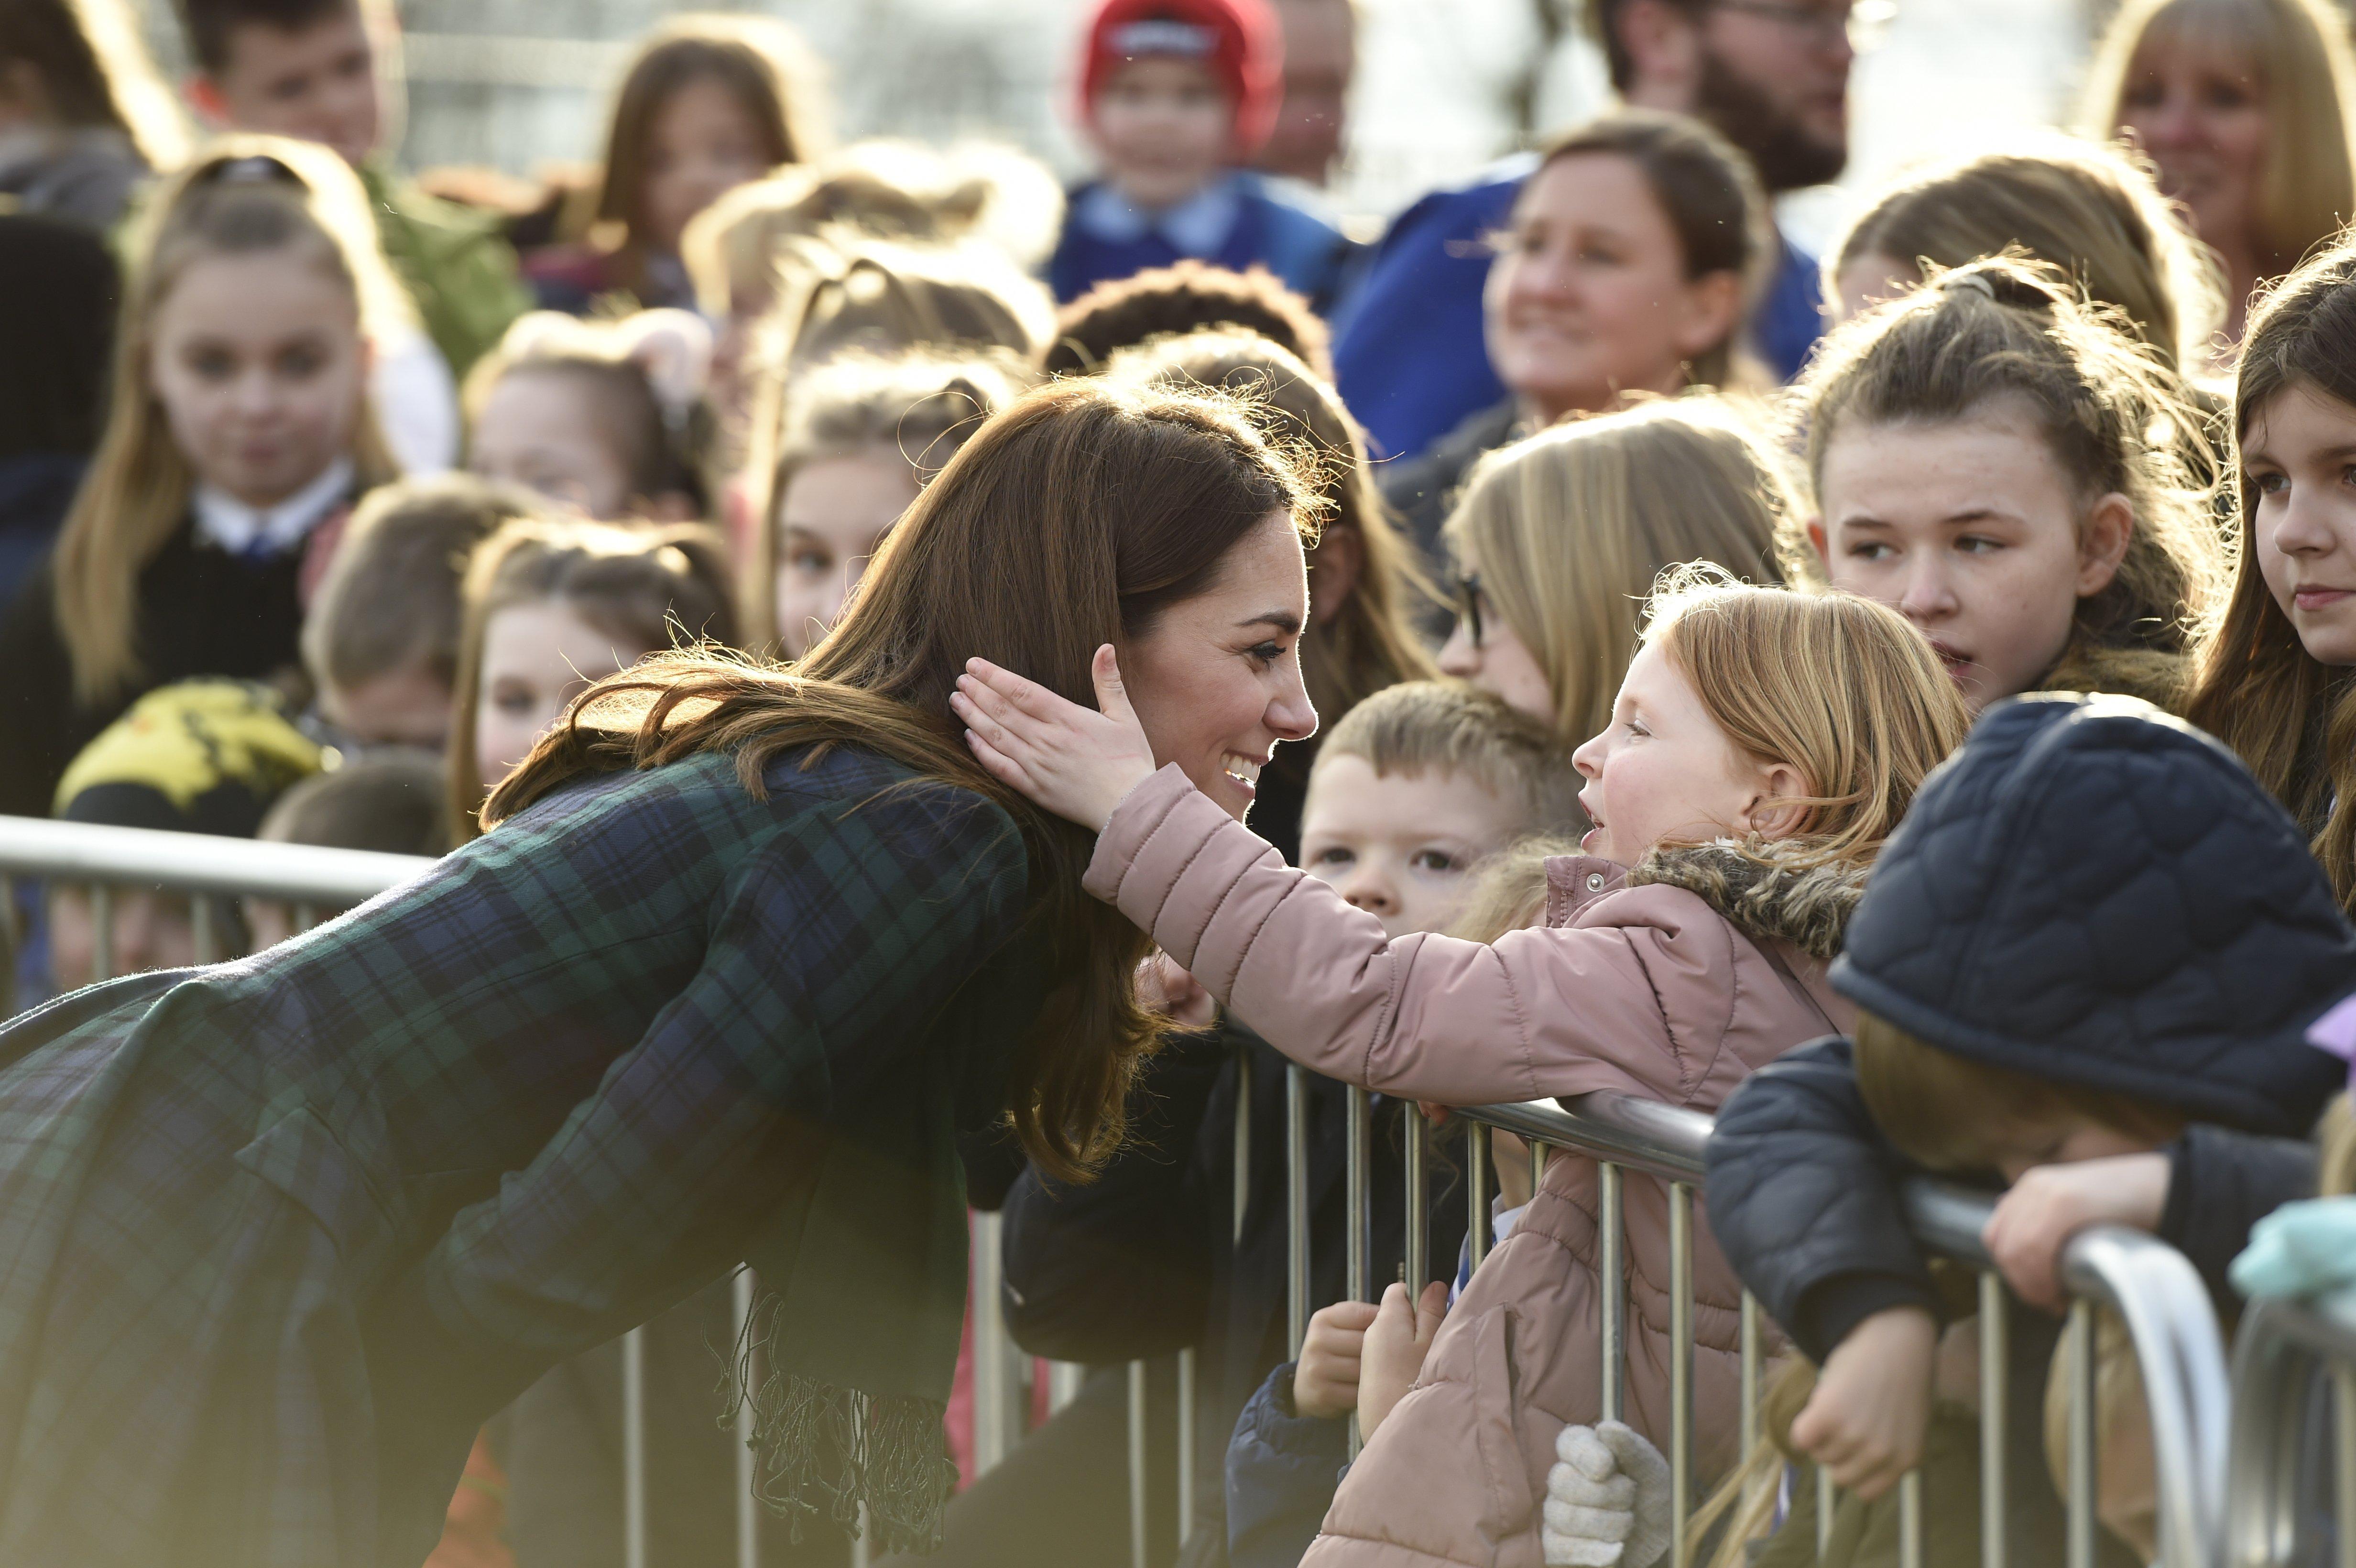 Une jeune fille touche les cheveux de Kate Middleton l Source: Getty Images